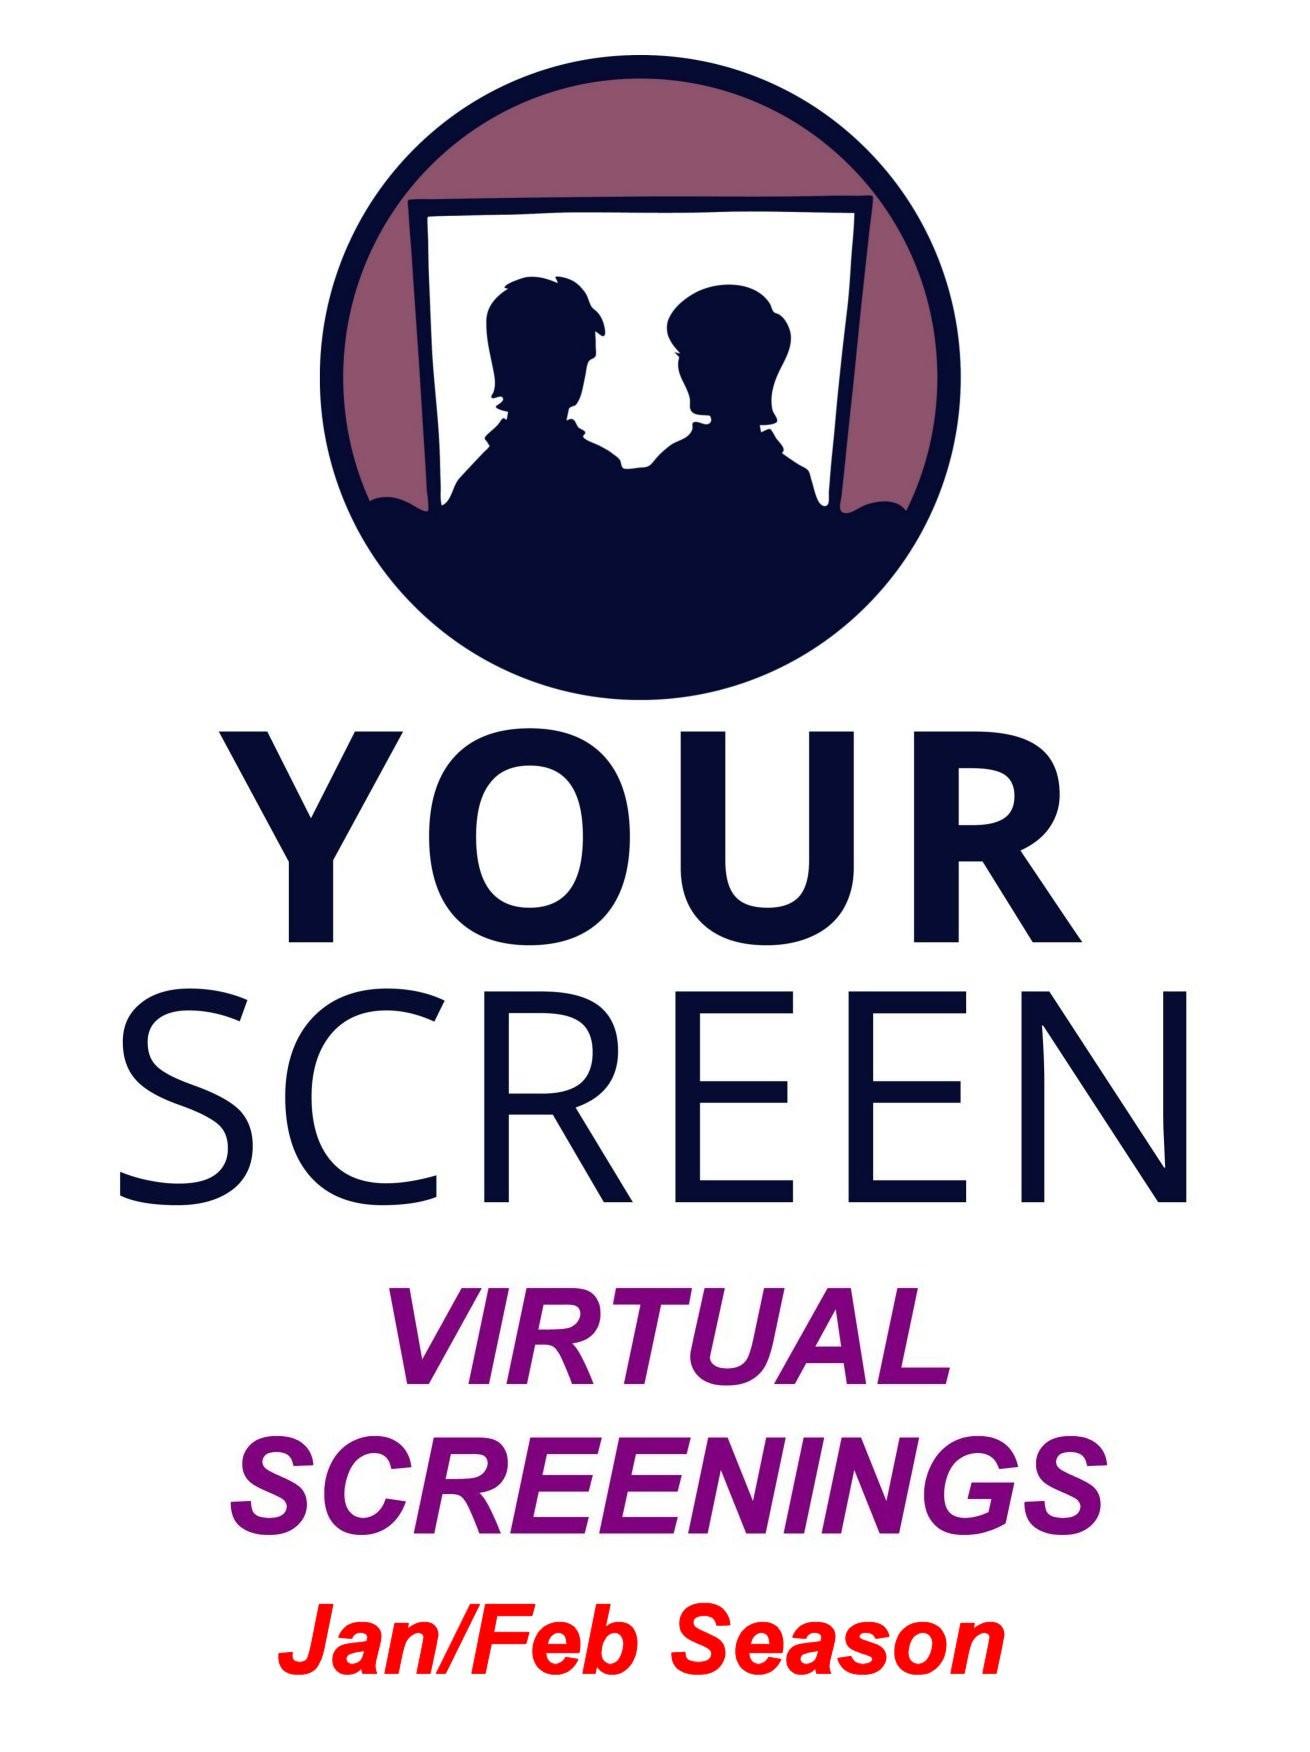 Virtual Screenings - YOURSCREEN - Jan/Feb Season